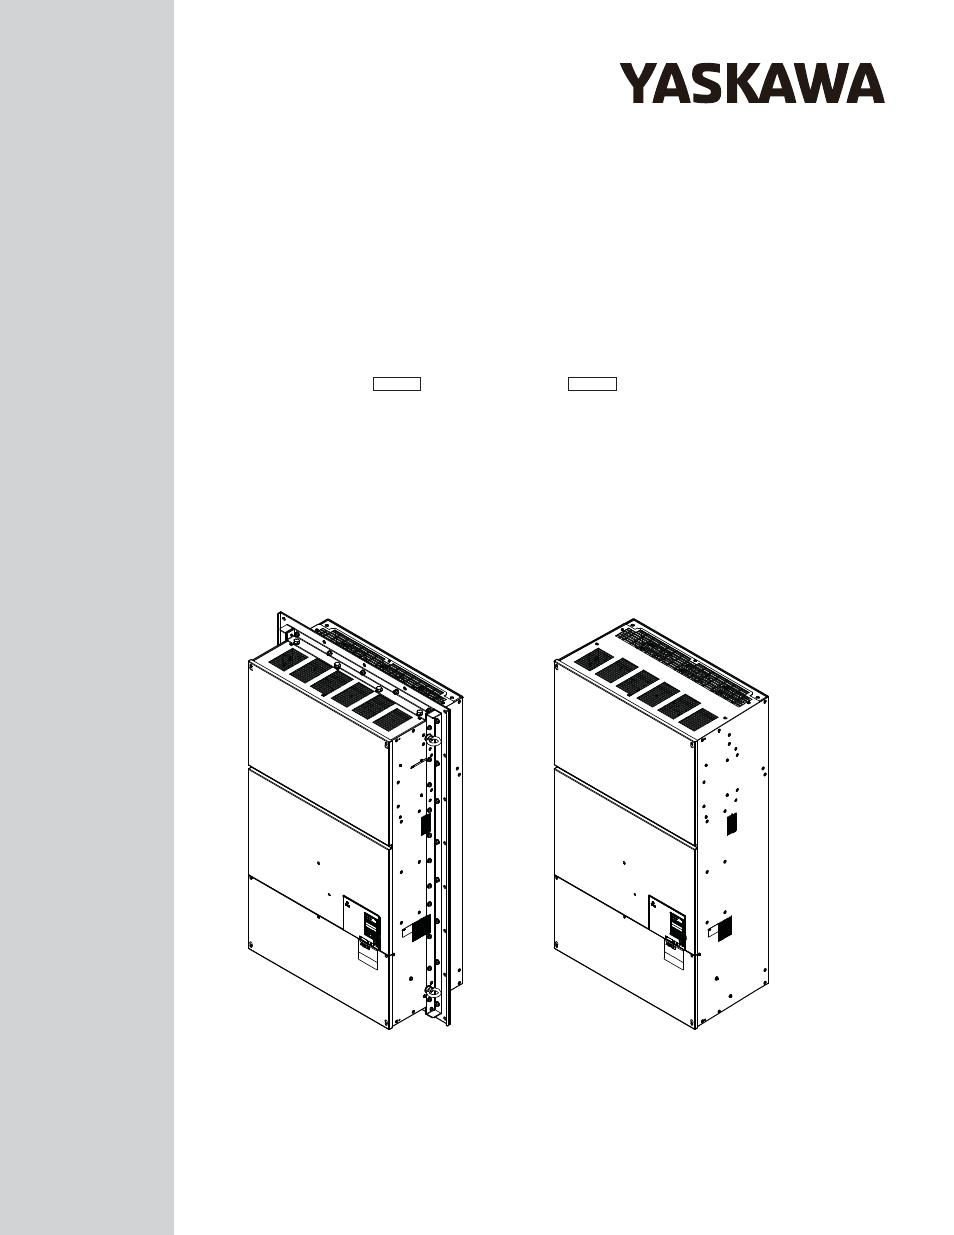 install yaskawa a1000 wiring diagram